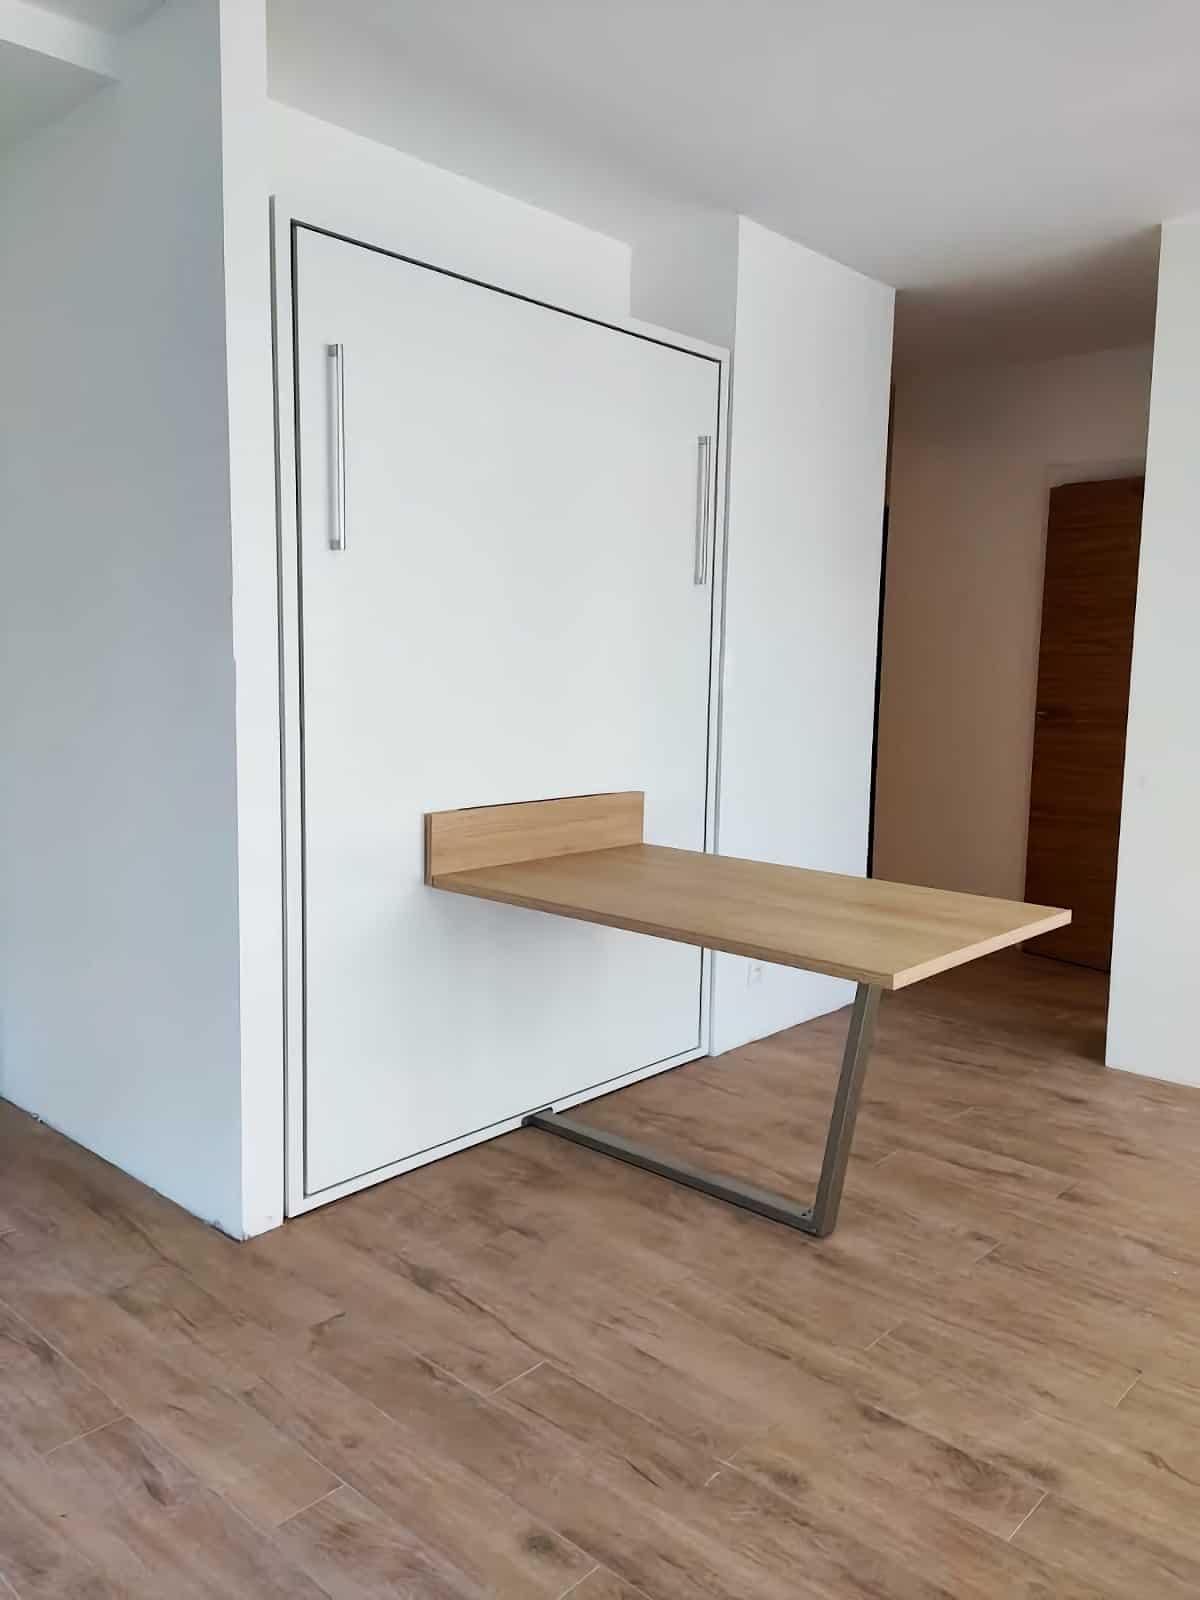 realizacje mebli firmy transforms - Pracownia Architektoniczna Prima (9)